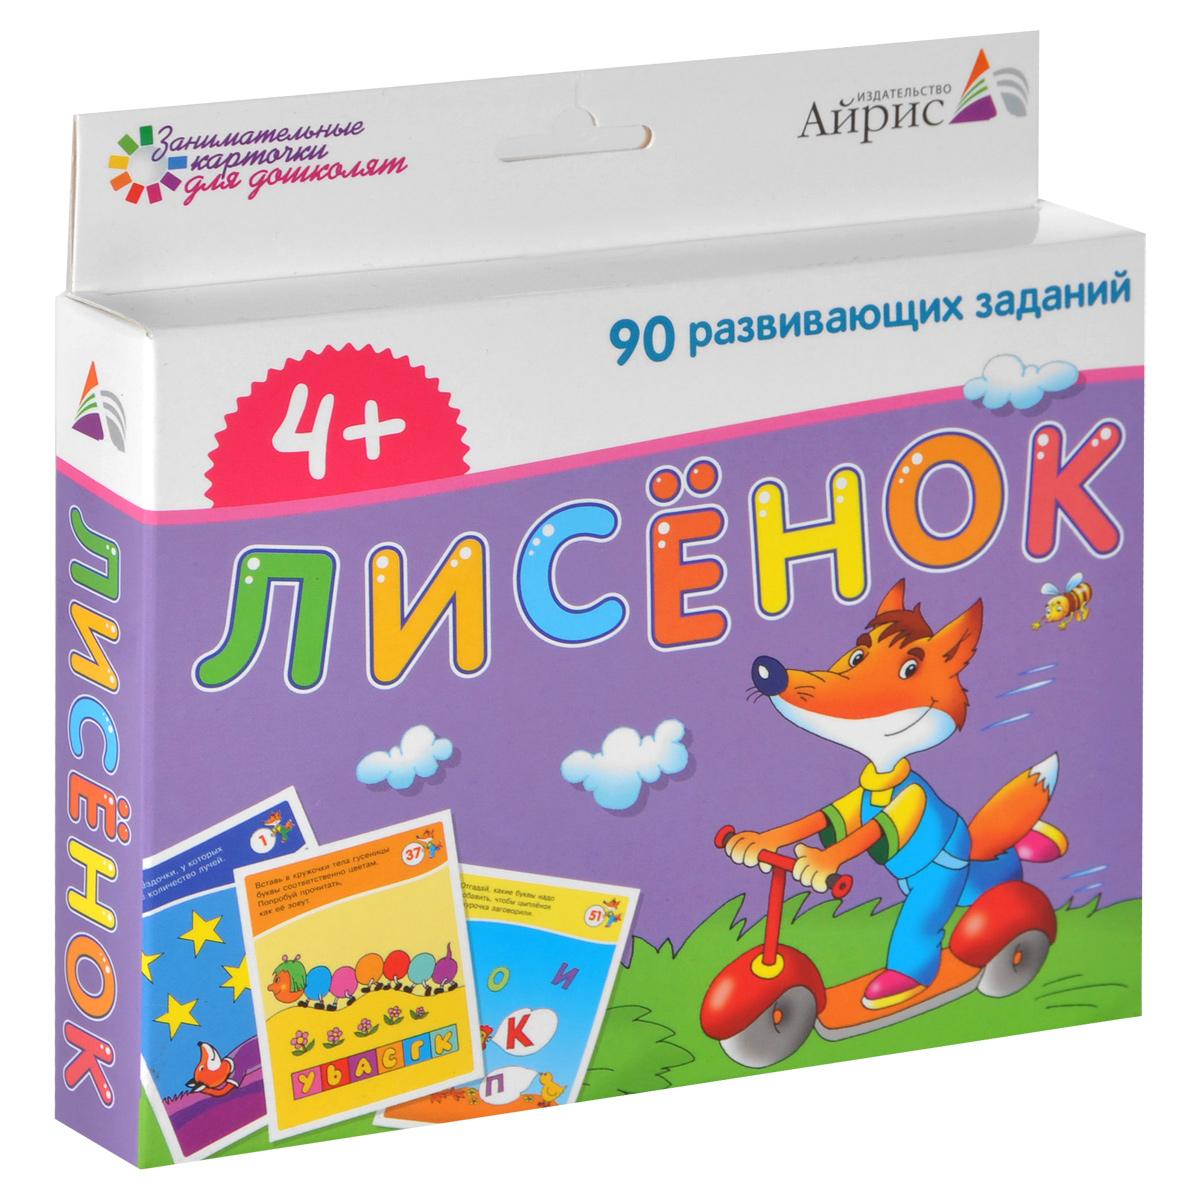 Айрис-пресс Обучающие карточки Лисенок978-5-8112-5222-0Набор состоит из 45 карточек, которые содержат 90 развивающих заданий для детей от 4 лет. Вооружившись карандашом, ребёнок пройдёт по запутанным лабиринтам, найдет отличия в рисунках и ошибки художника, потренируется в чтении и счёте, решит логические задачи и выполнит множество других занимательных заданий. Такие задачи развивают мышление, речь, воображение, тренируют память и внимание. На отдельном листе-вкладыше даны ответы, по которым родители смогут проверить, правильно ли выполнено задание. Благодаря компактной упаковке карточки удобно брать в дорогу или на отдых. Ребёнок всегда будет с удовольствием заниматься по ним.